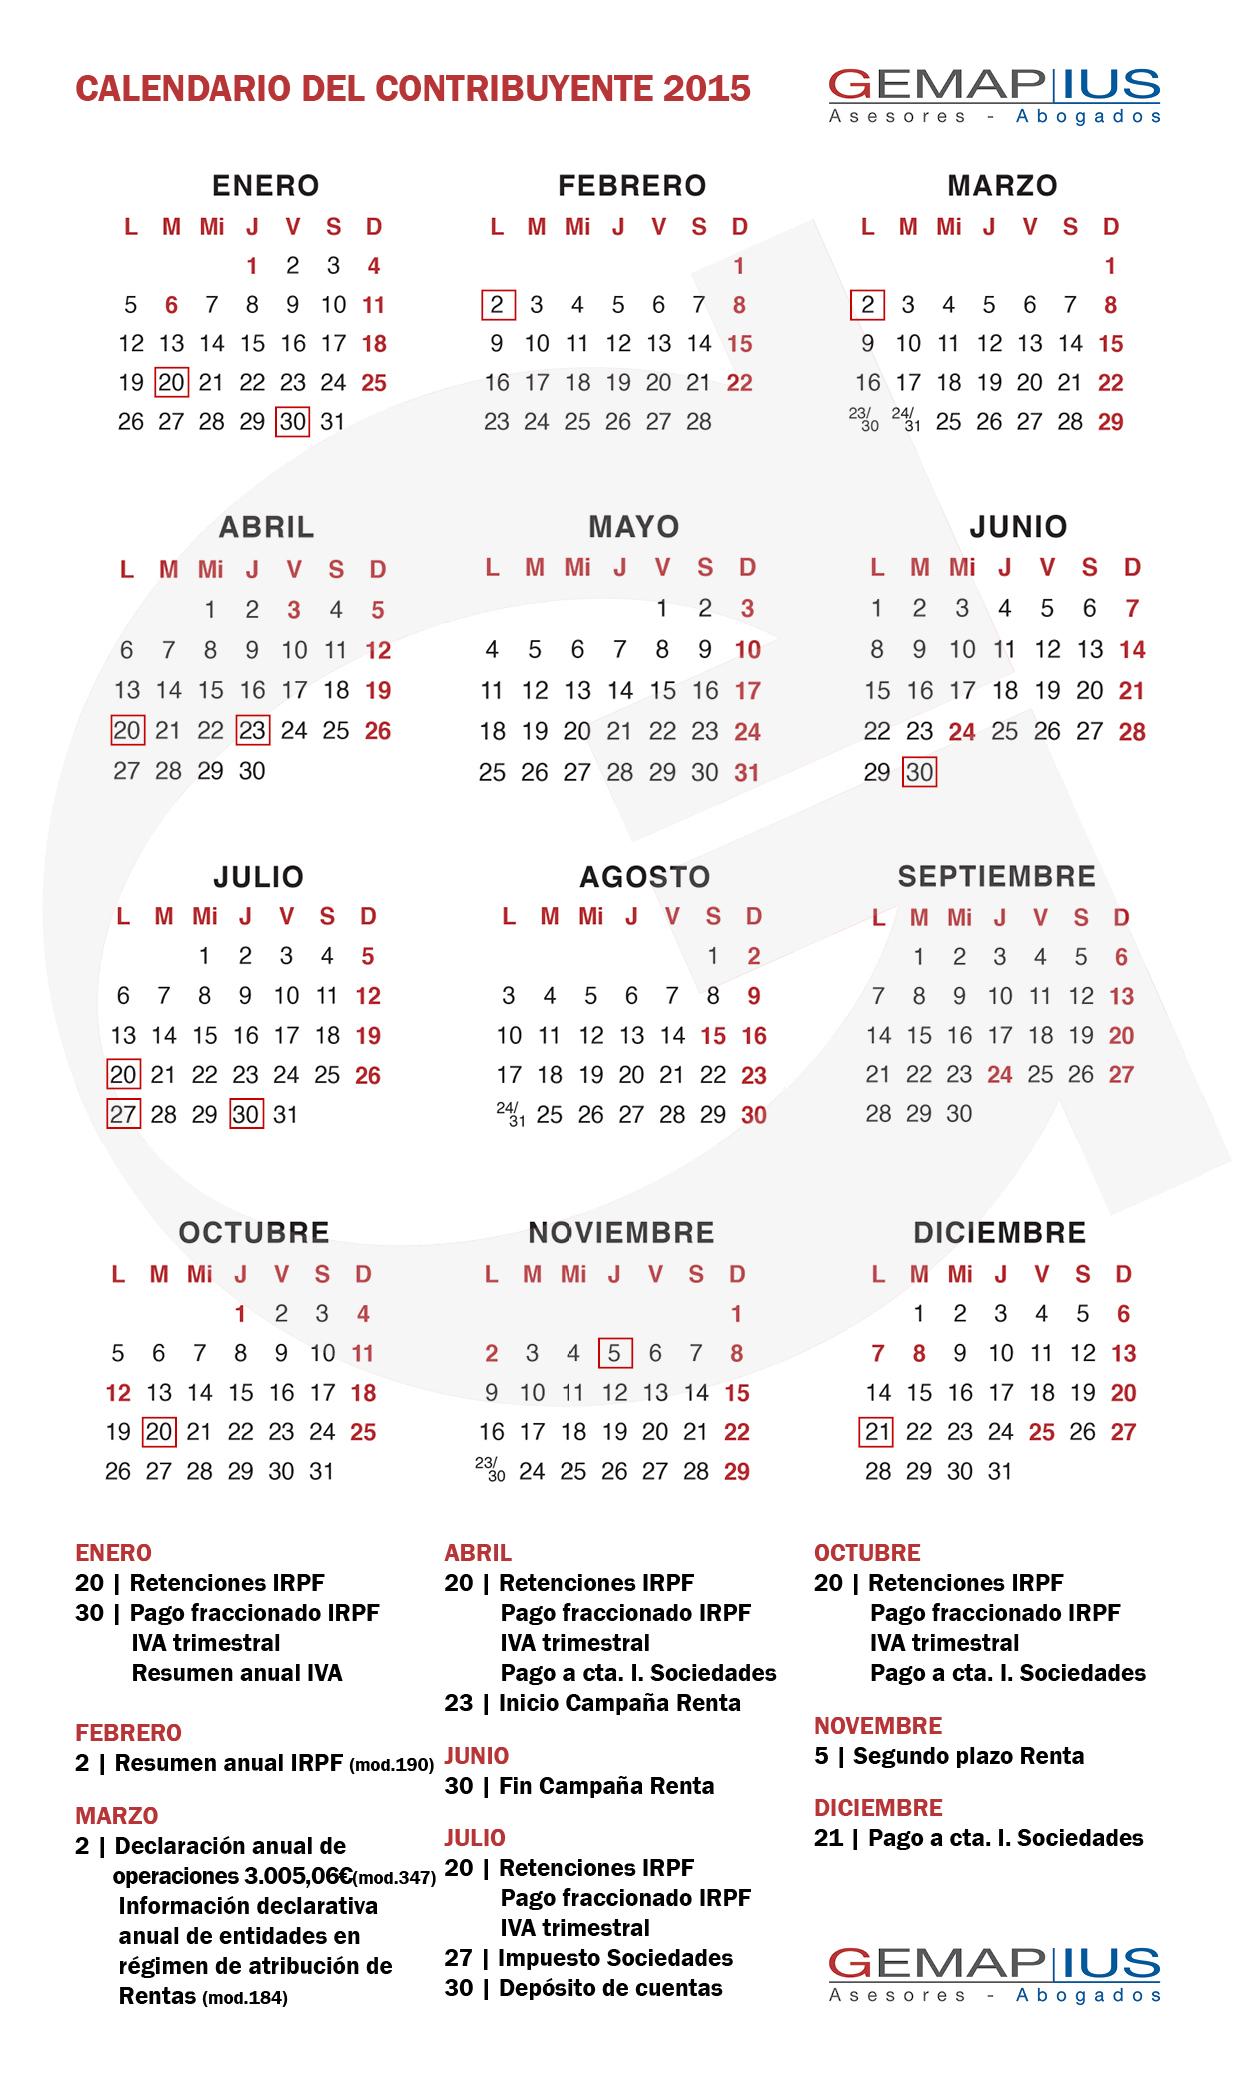 Calendario Contribuyente 2015